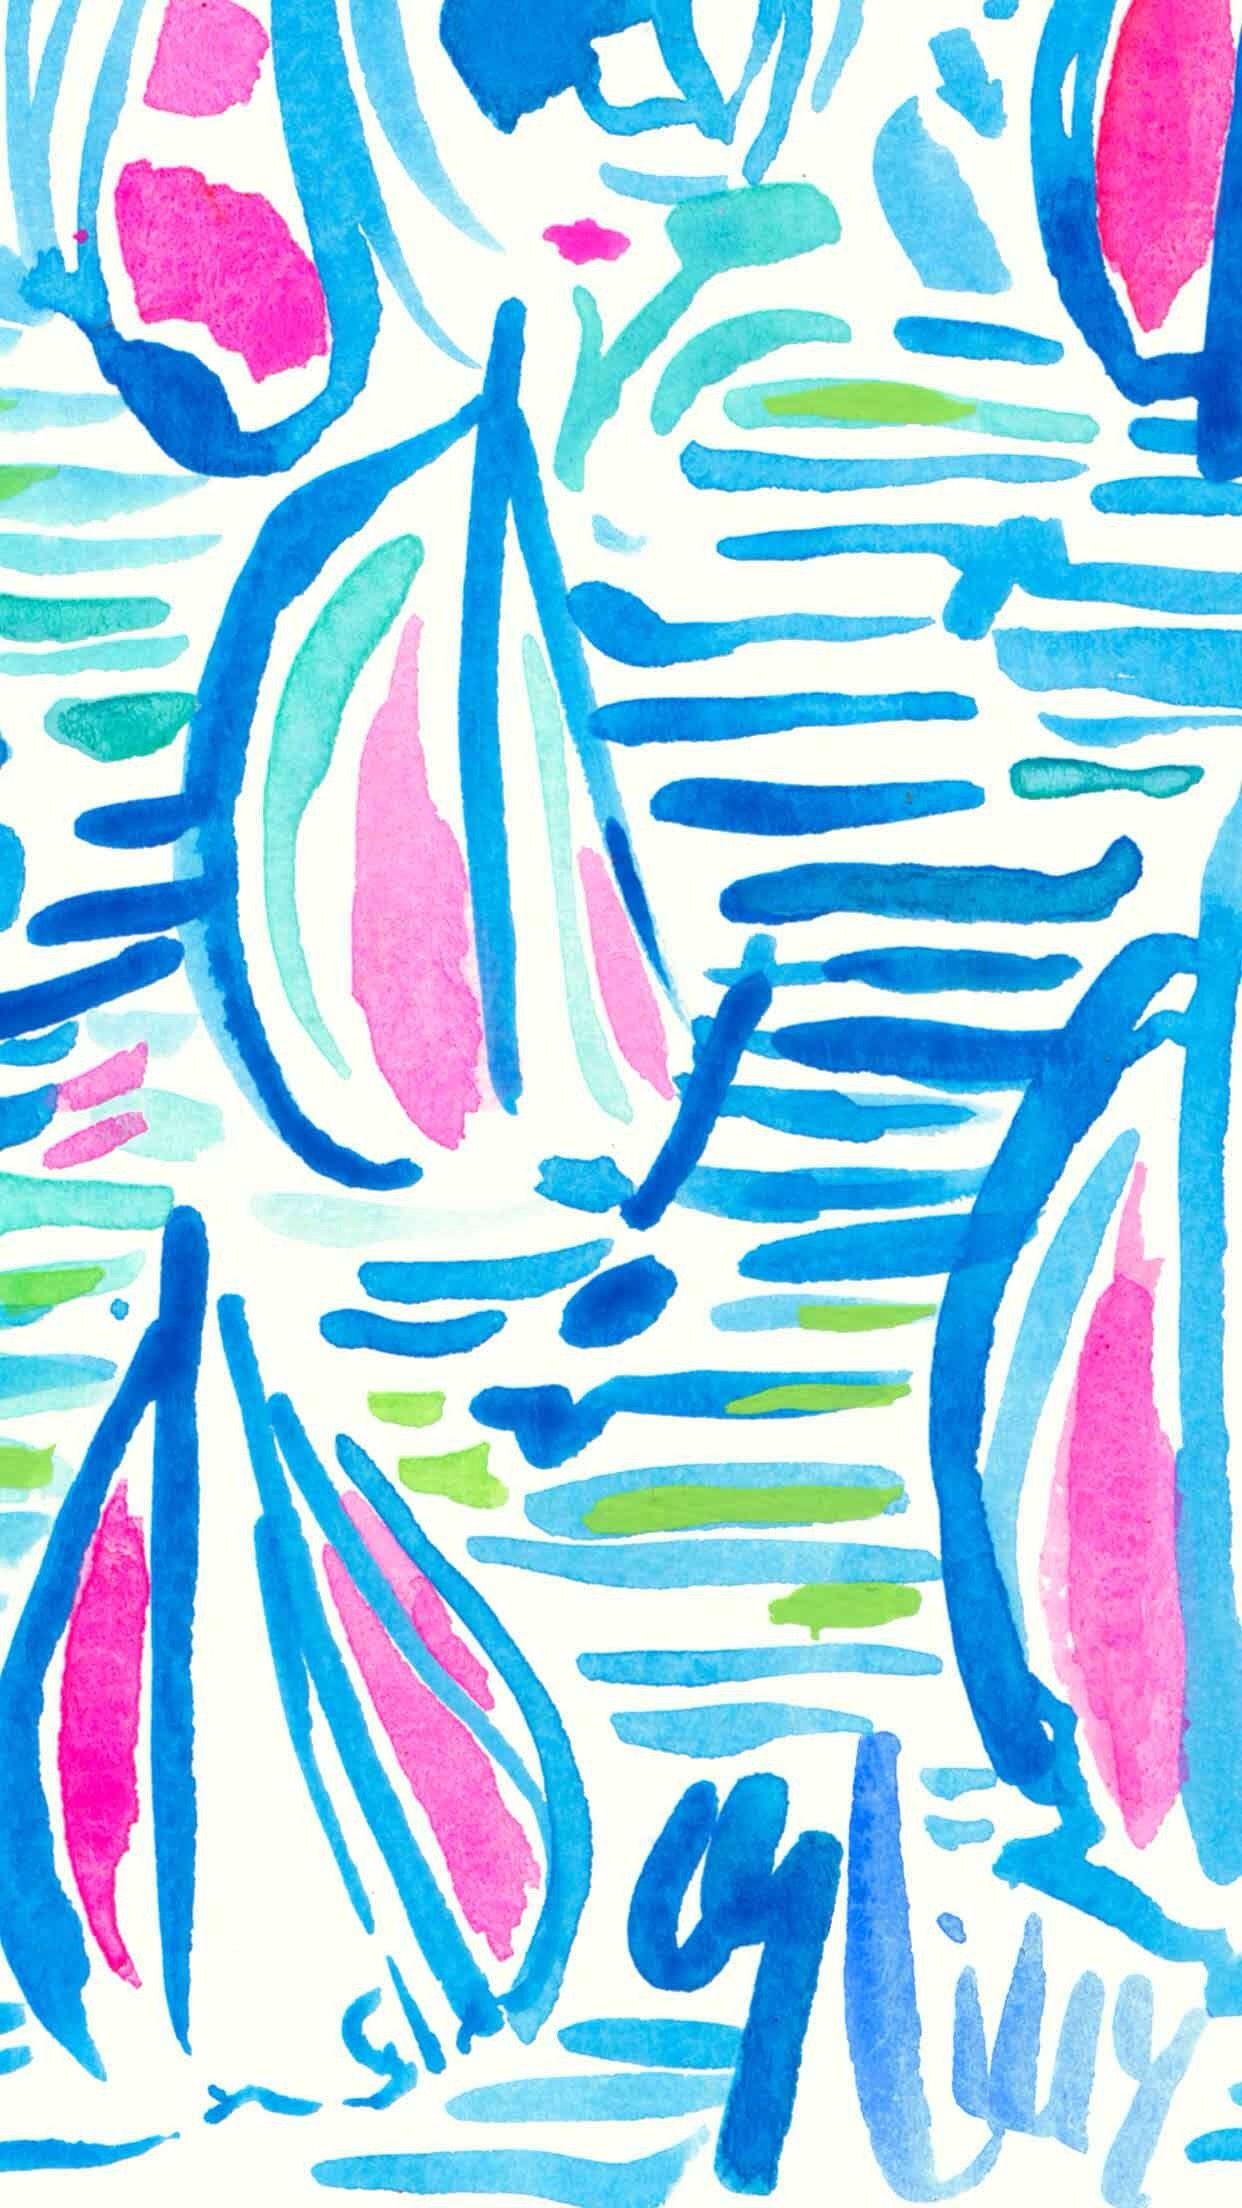 Fullsize Of Lilly Pulitzer Wallpaper